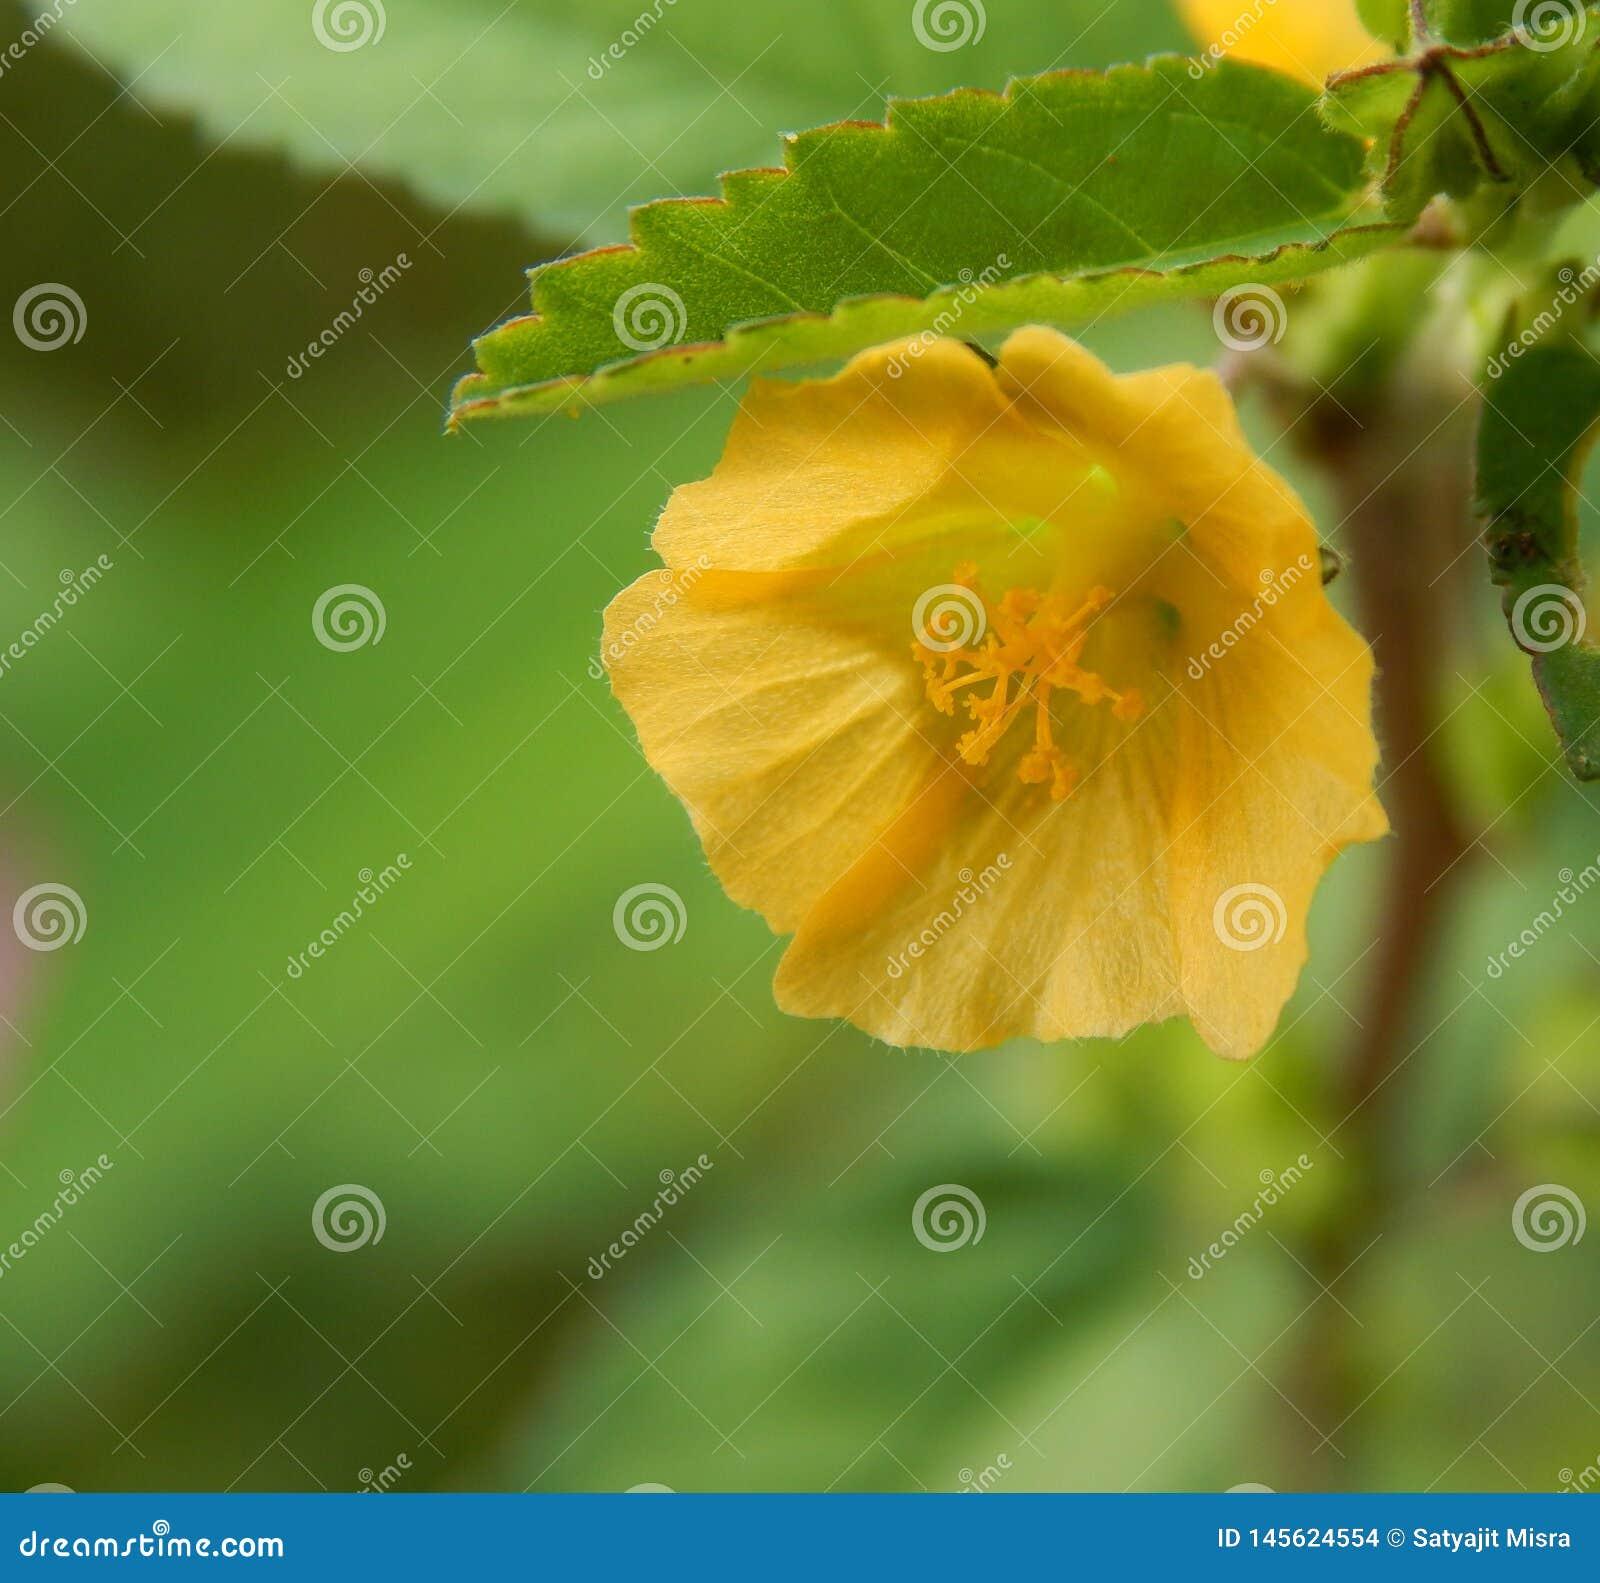 微观点的天鹅绒叶子花或黄色有角的鸦片